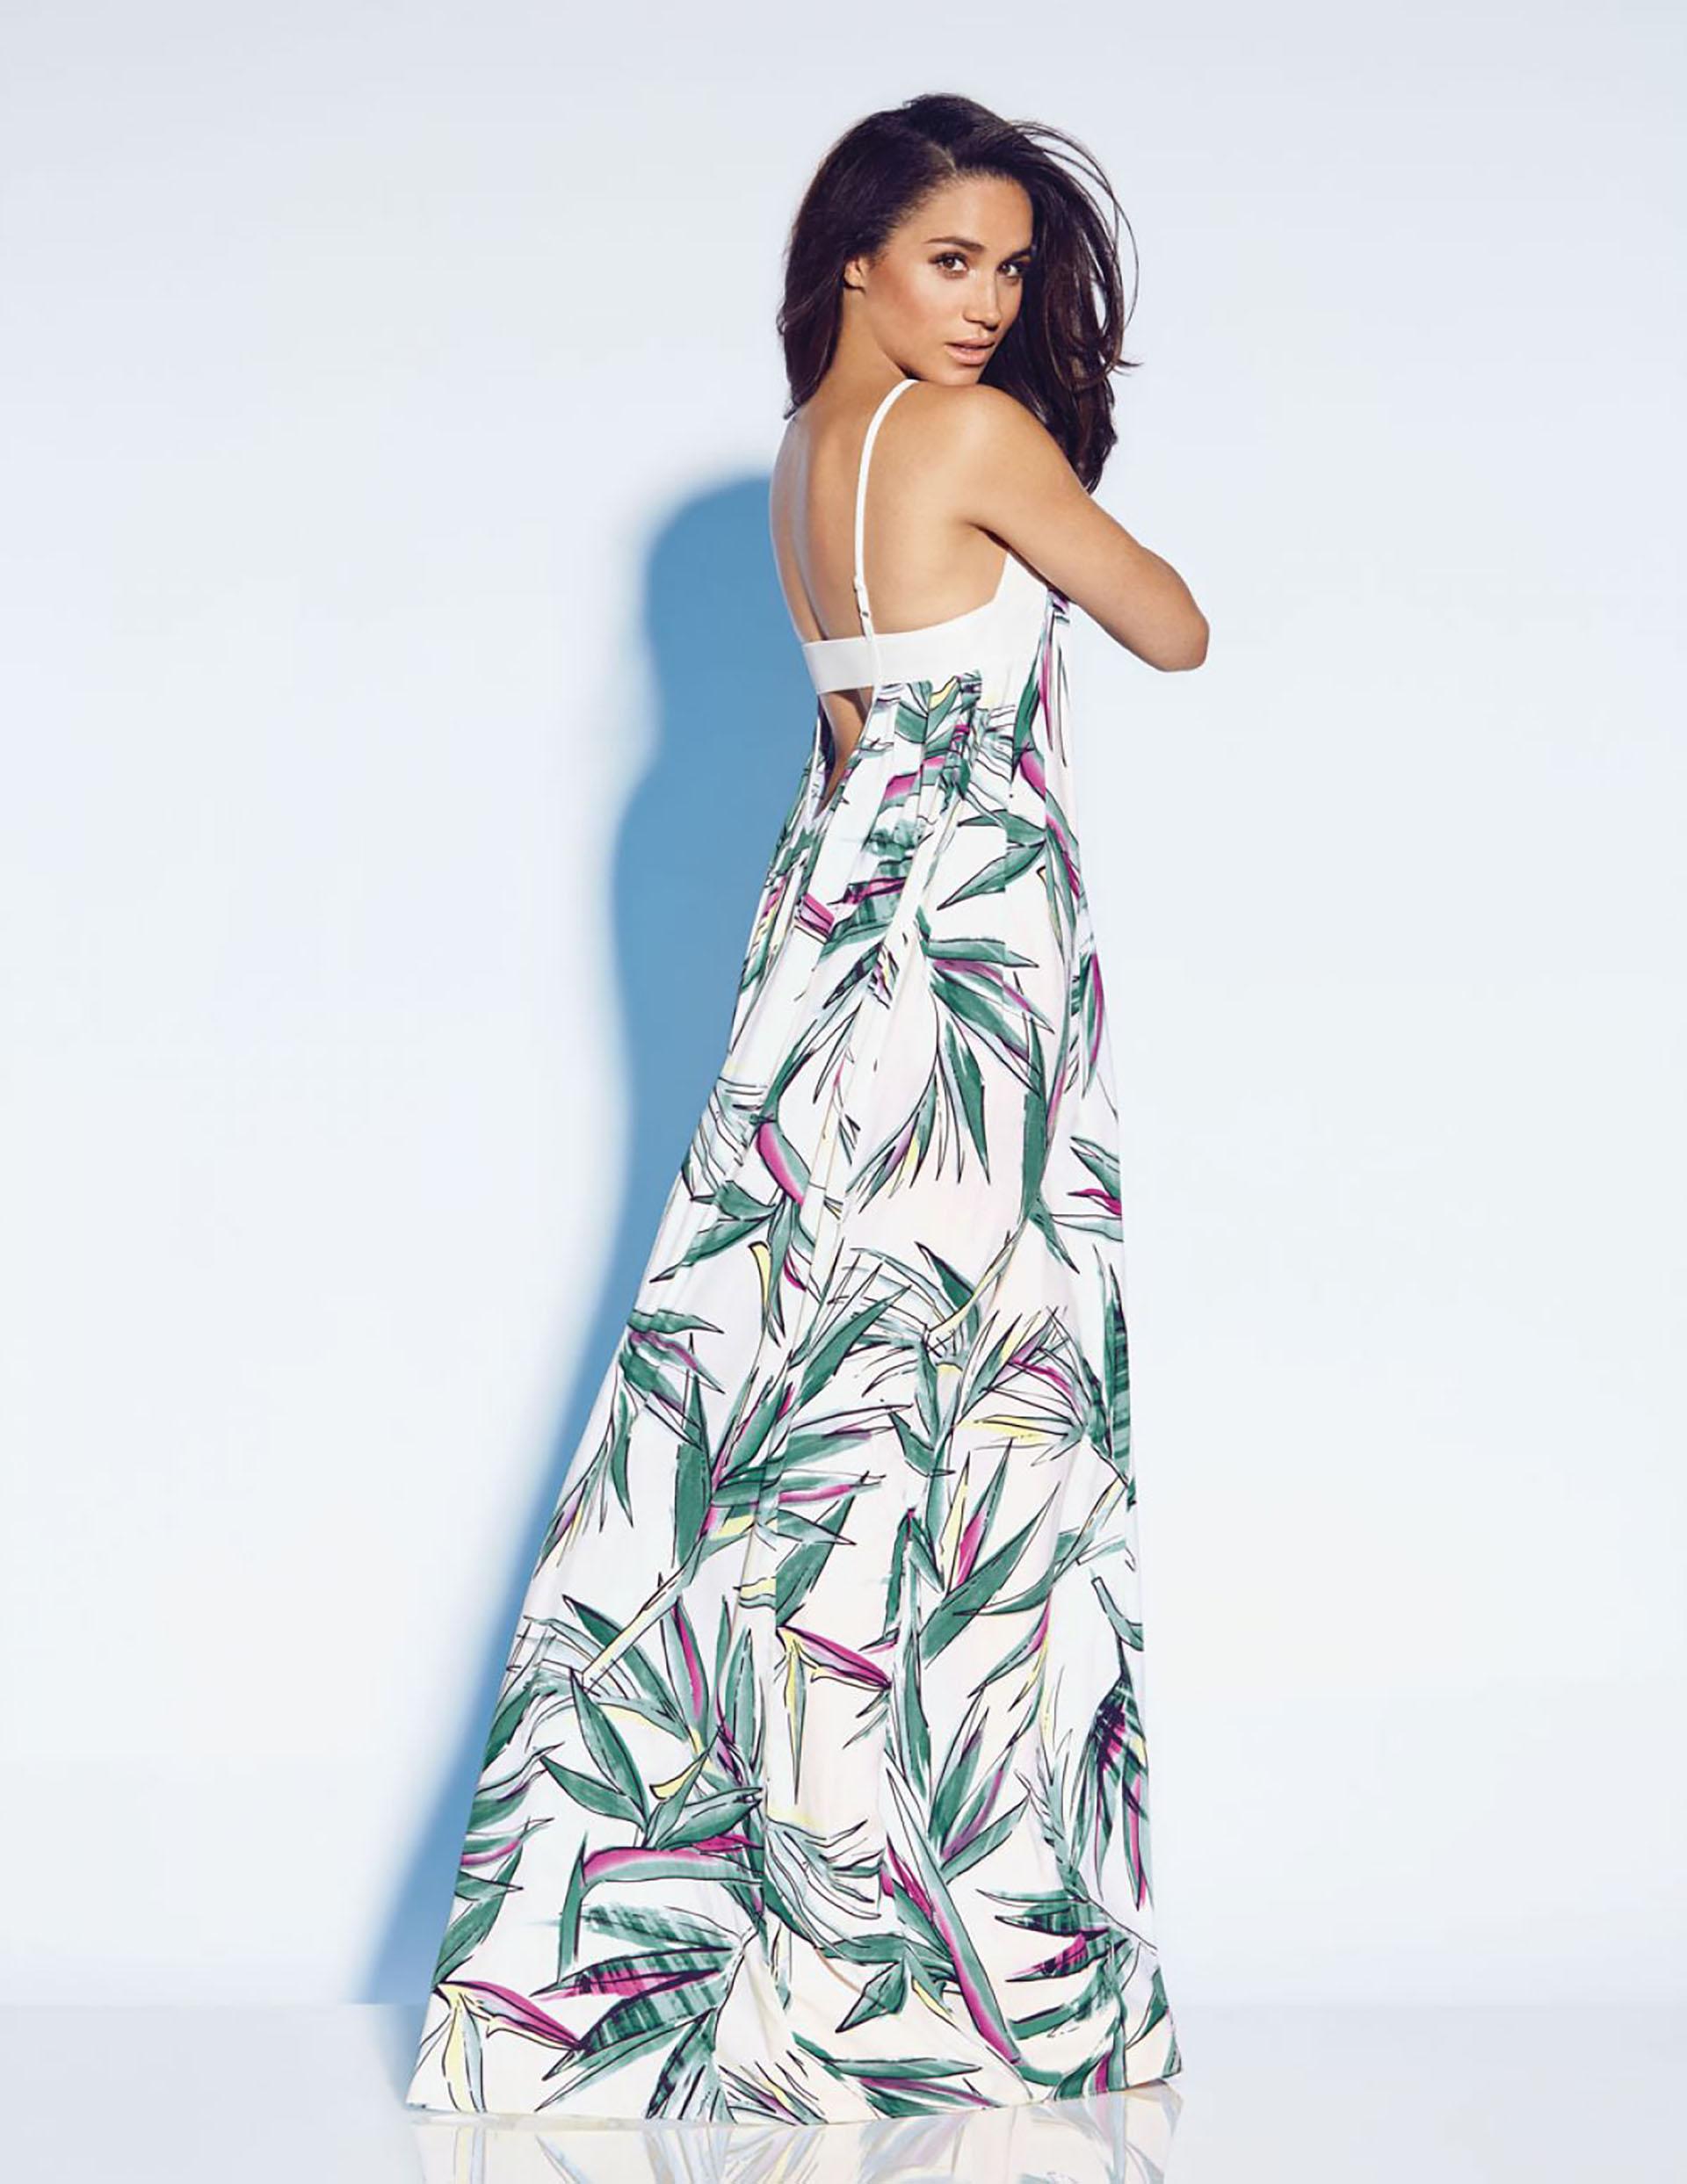 Musa de la moda, amante de los vestidos, las estampas sobrias y el cabello suelto